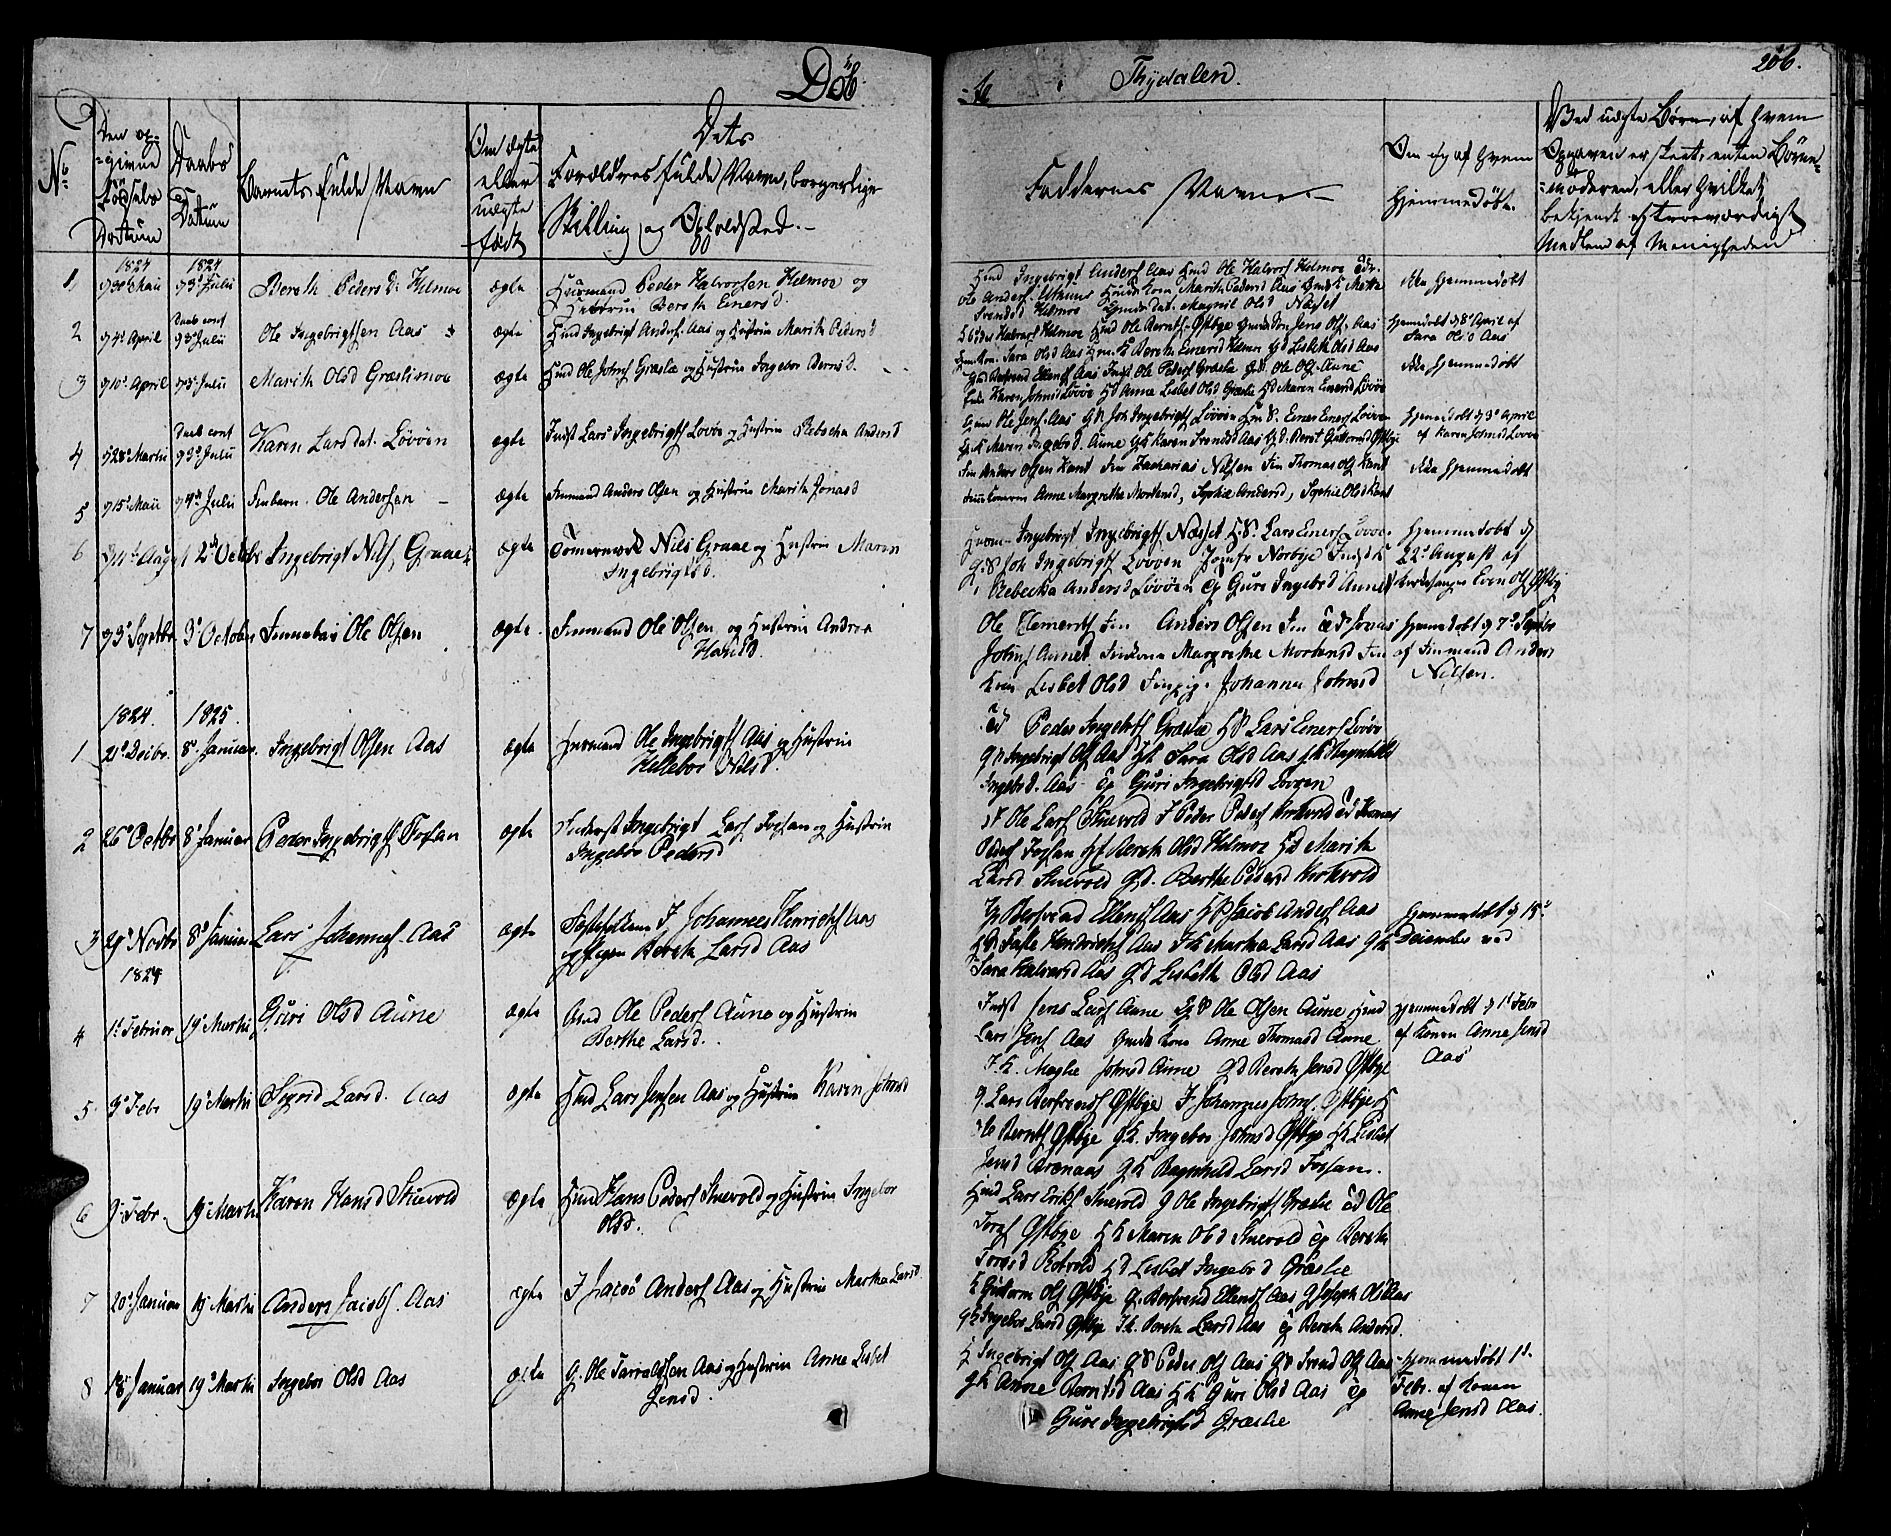 SAT, Ministerialprotokoller, klokkerbøker og fødselsregistre - Sør-Trøndelag, 695/L1144: Ministerialbok nr. 695A05 /2, 1824-1842, s. 206